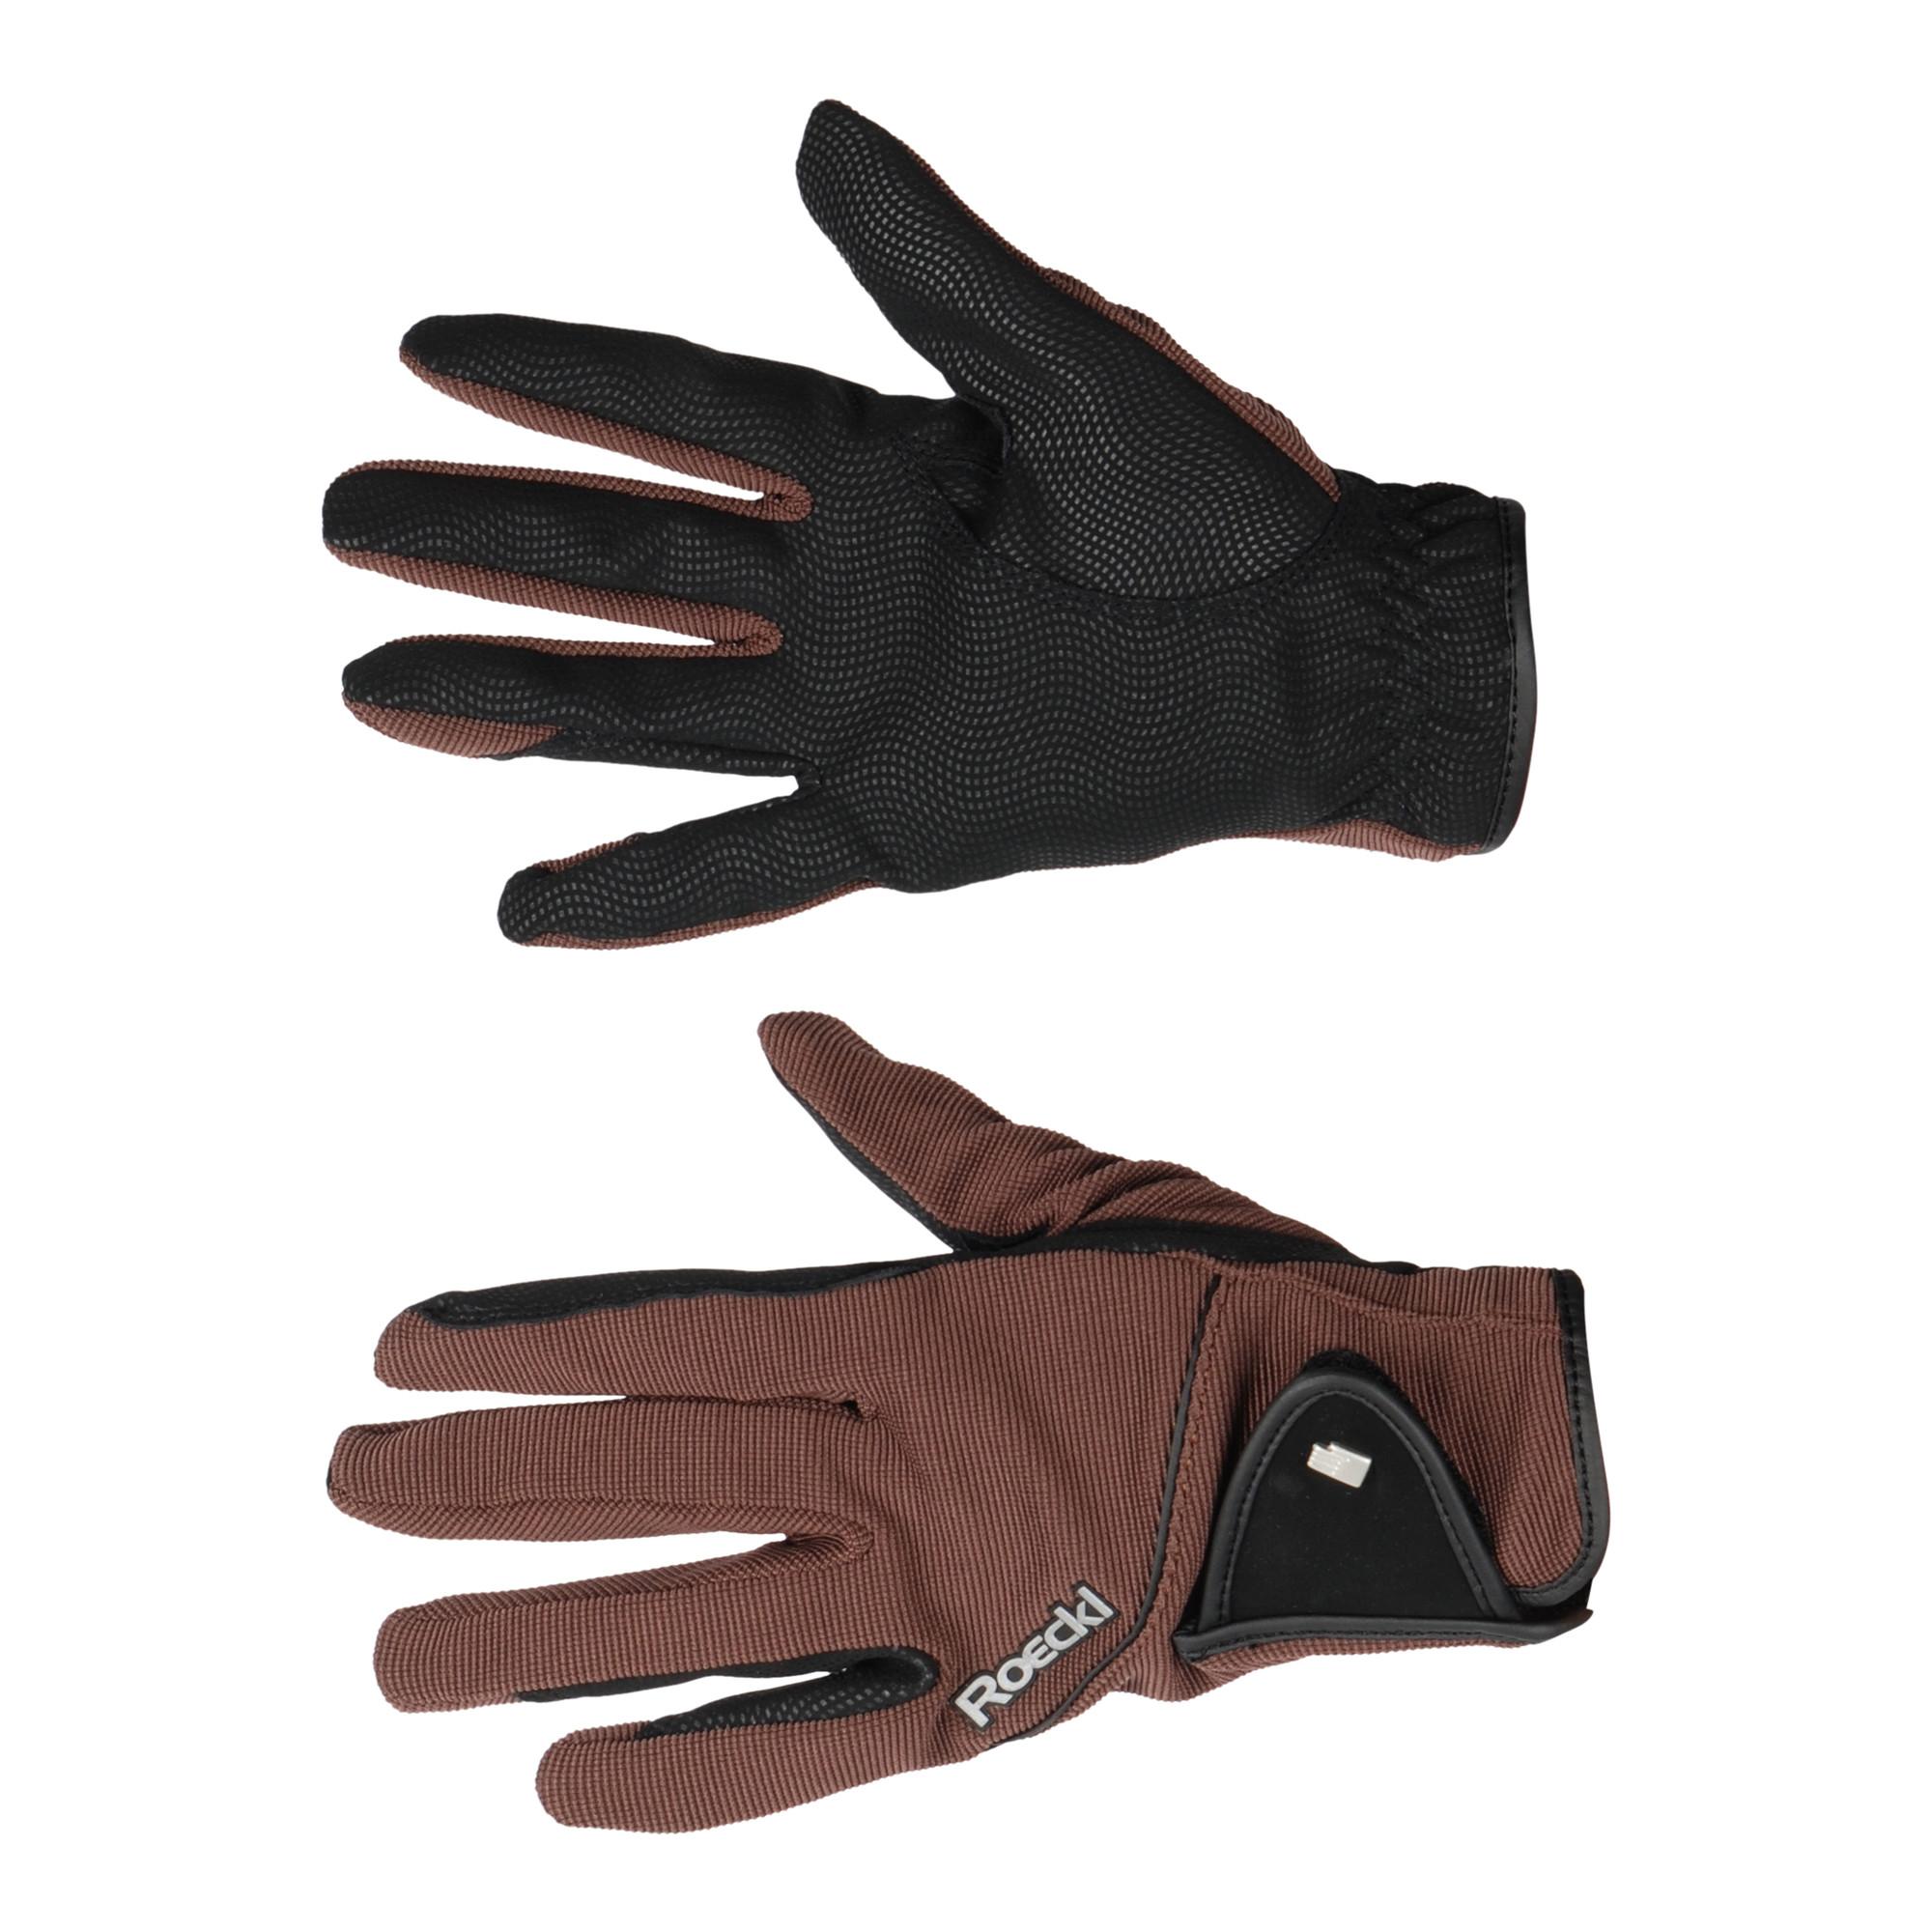 Roeckl Milano handschoenen donkerbruin maat:7